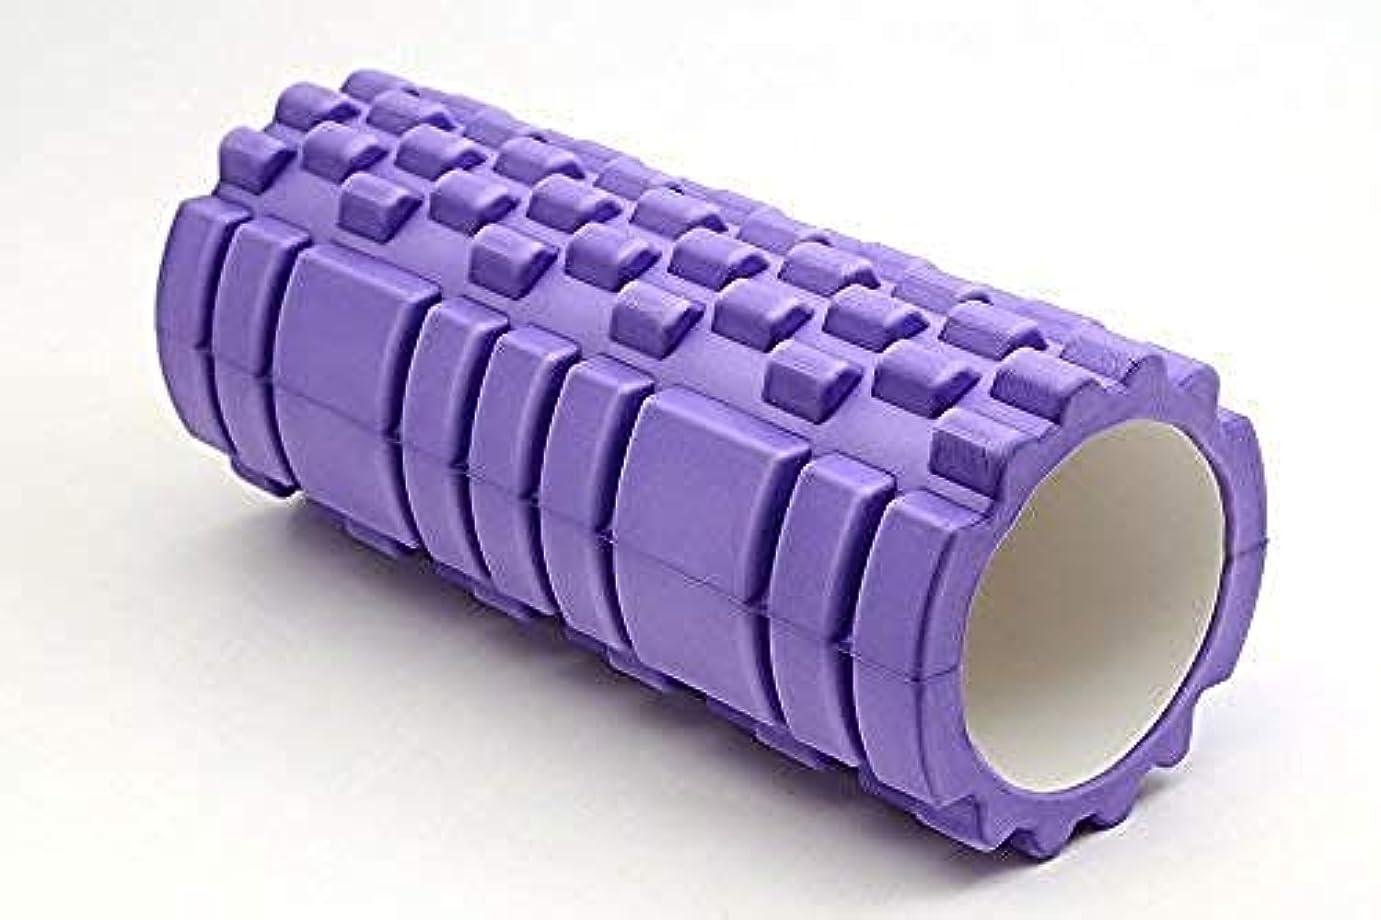 オッズ角度朝の体操をする中空フォームローラーグリッドビーストマッサージピラティストリガーポイントヨガジムローラーエクササイズ革命,Purple